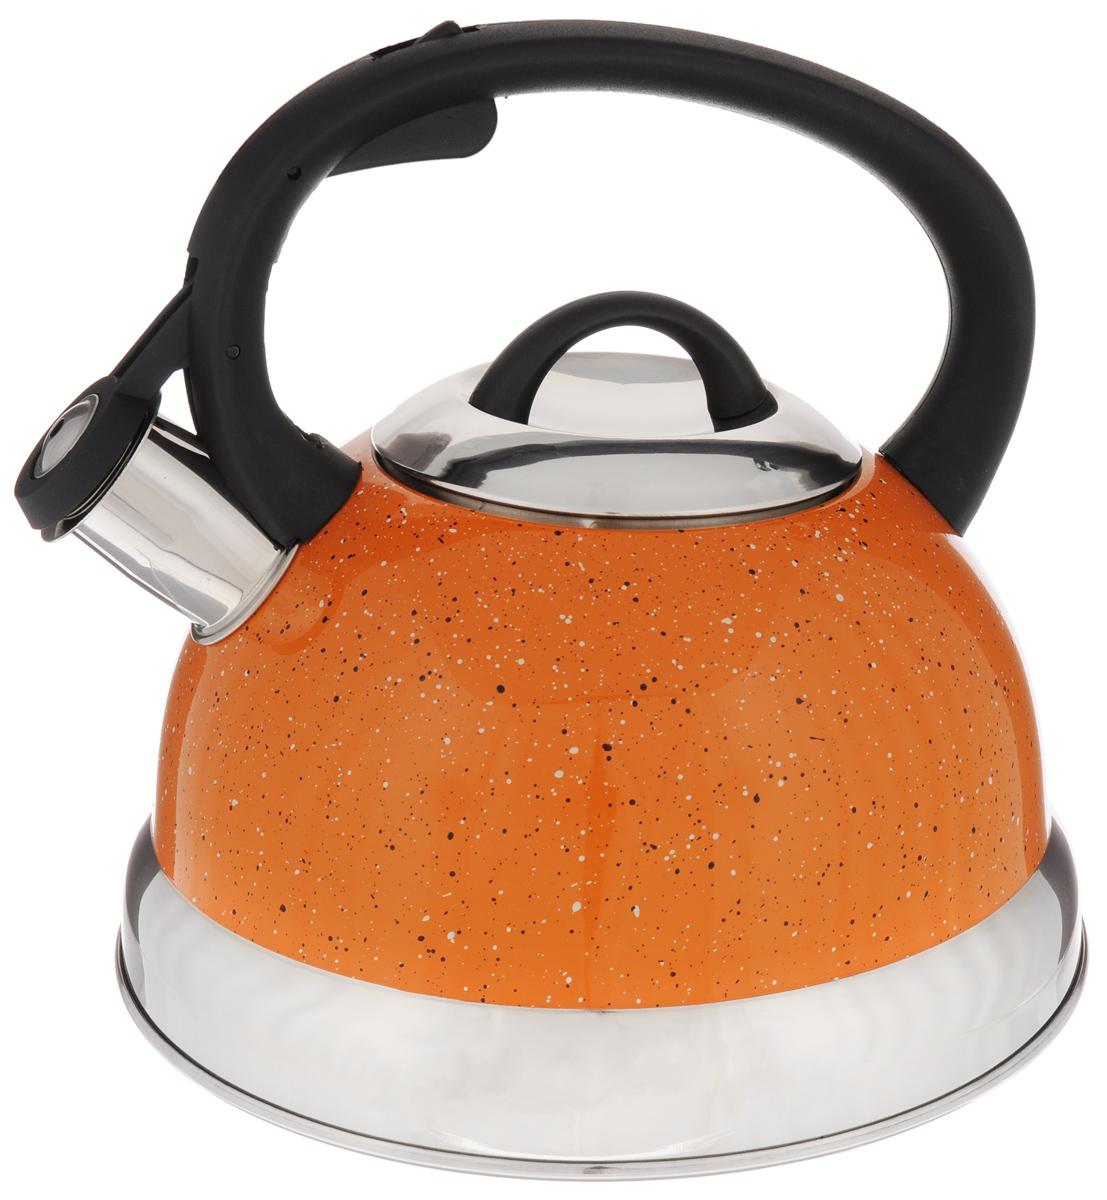 Чайник Mayer & Boch, со свистком, цвет: оранжевый, 2,6 л. 2566268/5/4Чайник со свистком Mayer & Boch изготовлен из высококачественной нержавеющей стали, что обеспечивает долговечность использования. Носик чайника оснащен откидным свистком, звуковой сигнал которого подскажет, когда закипит вода. Фиксированная ручка, изготовленная из пластика, снабжена клавишей для открывания носика, что делает использование чайника очень удобным и безопасным.Чайник Mayer & Boch - качественное исполнение и стильное решение для вашей кухни. Подходит для всех типов плит, включая индукционные. Можно мыть в посудомоечной машине. Высота чайника (с учетом ручки): 20,5 см.Диаметр чайника (по верхнему краю): 10 см.Диаметр основания: 21 см.